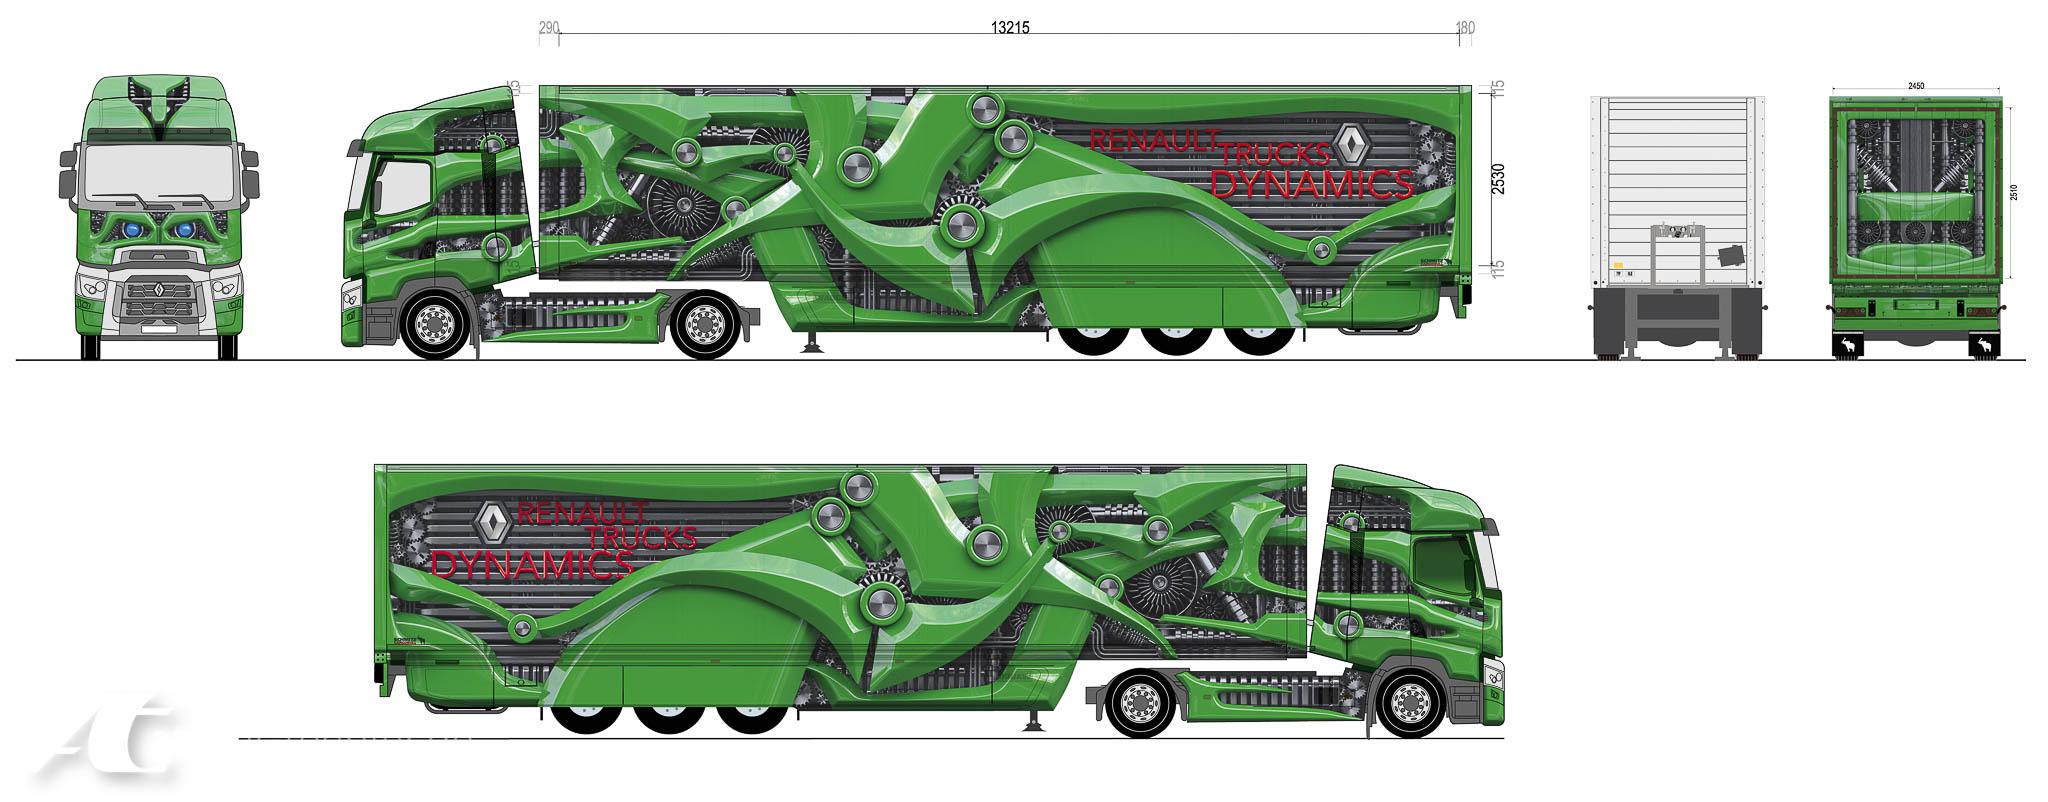 Truck-Design Druckvorlage für einen Renault LKW